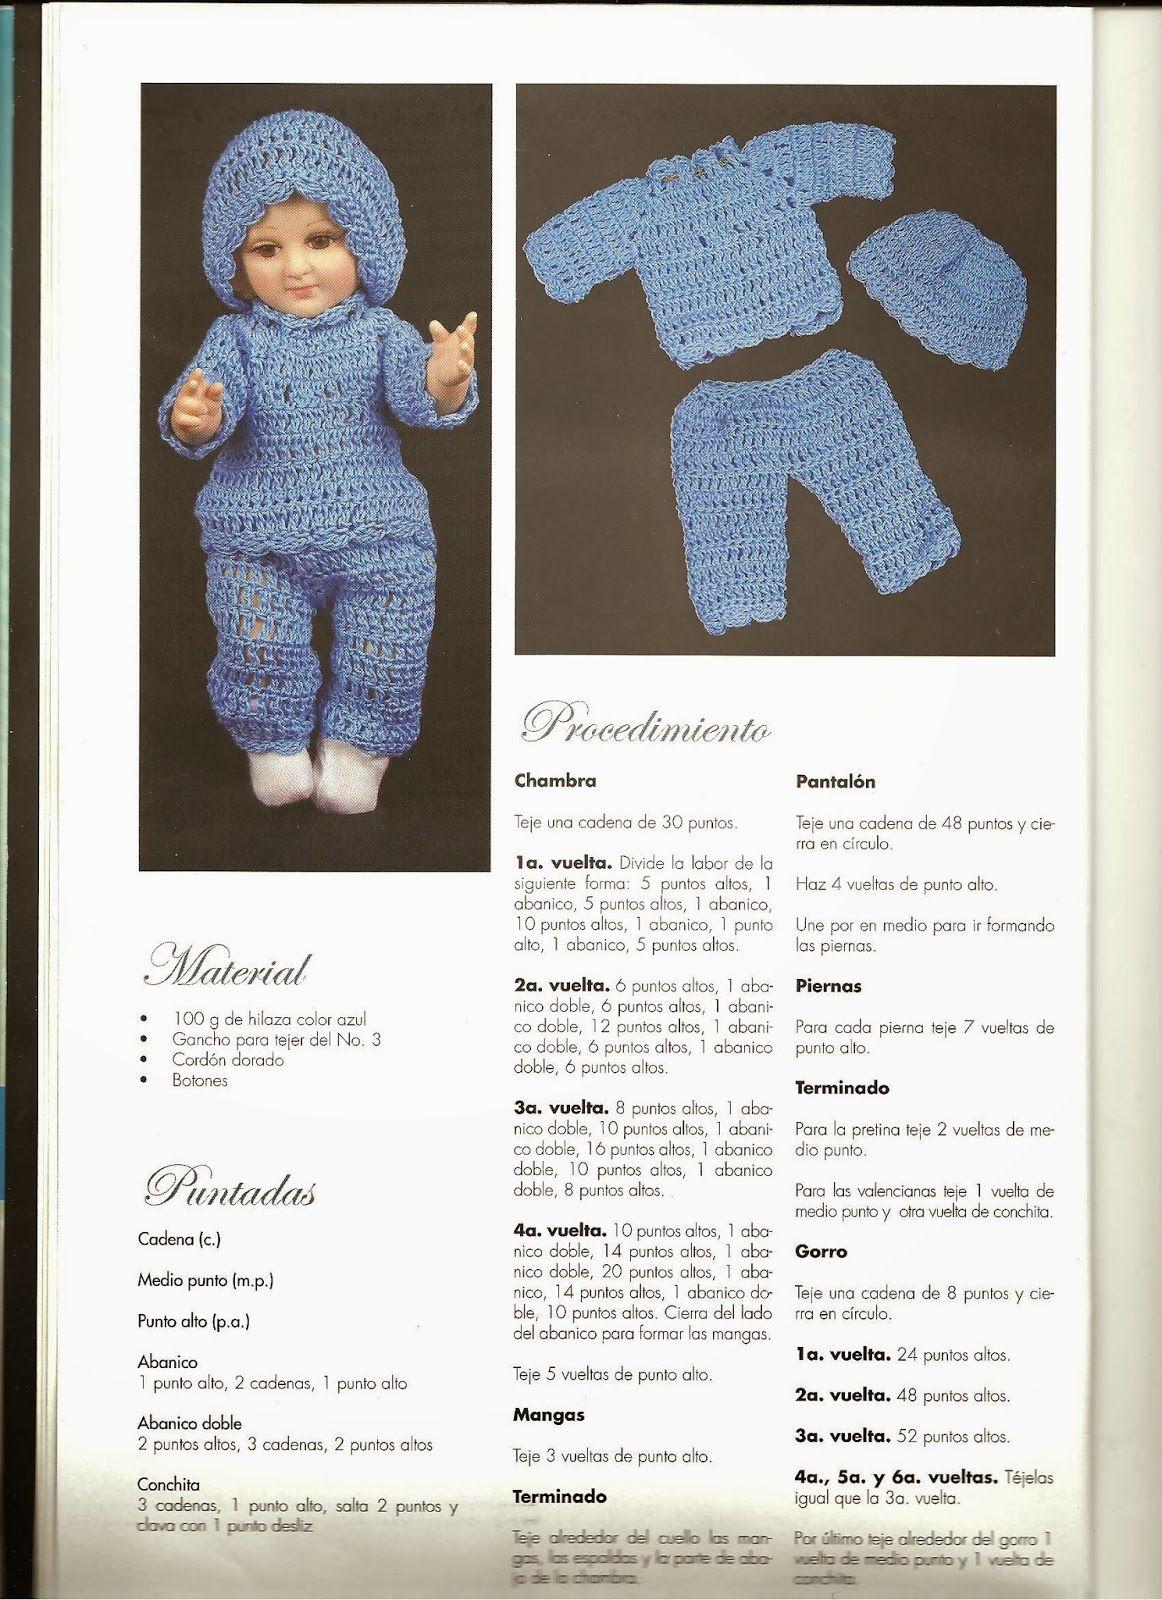 teje vestido de niño dios a gancho esquemas y patrones | Niños Dios ...